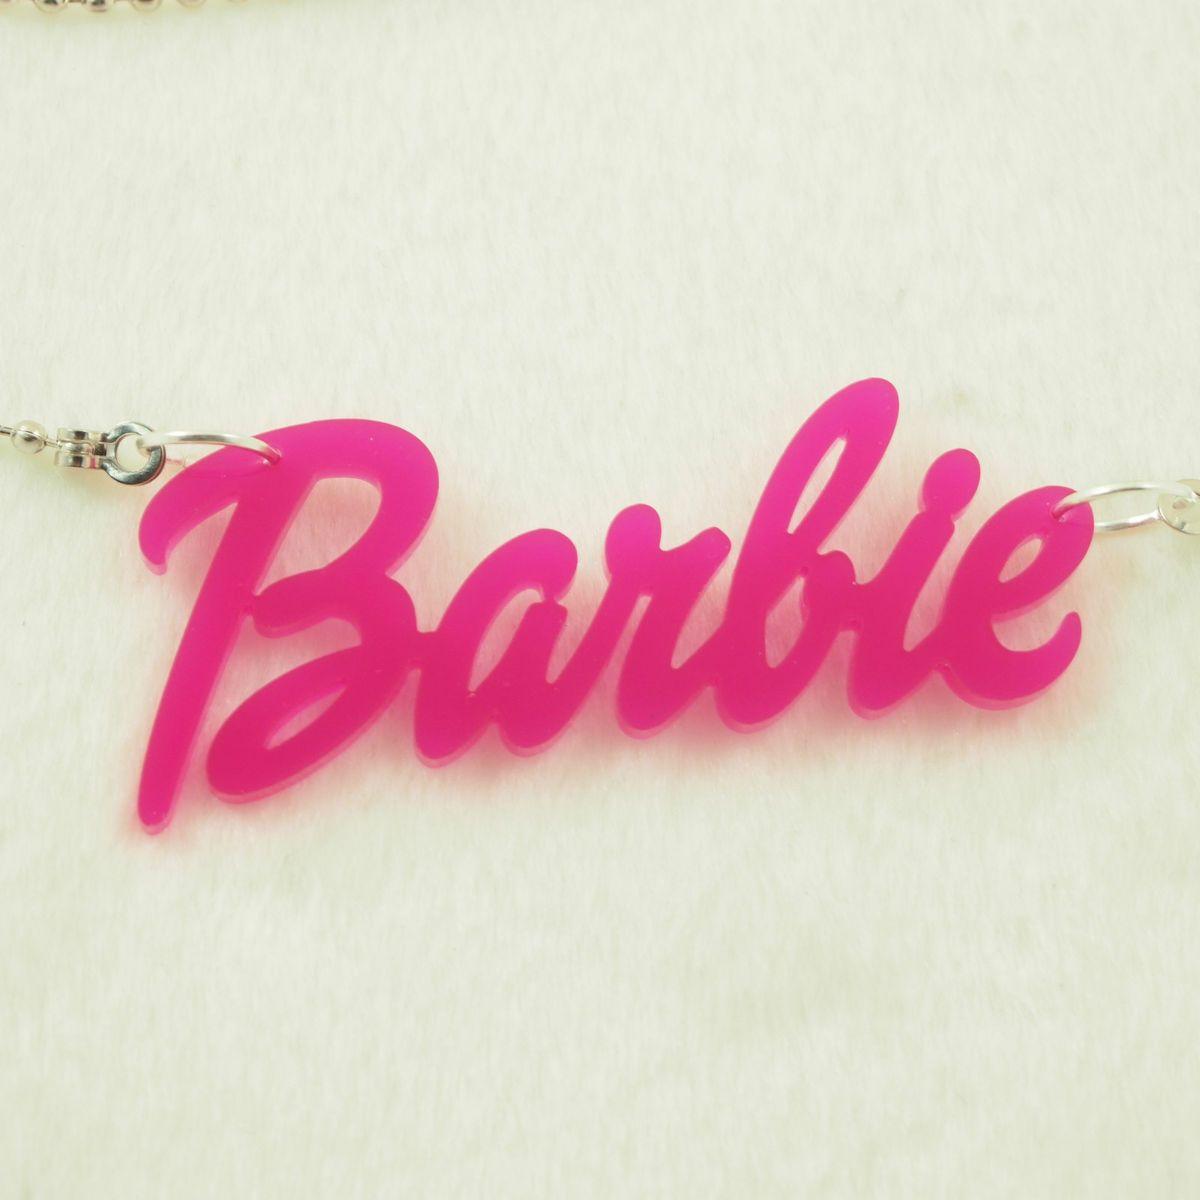 Acrylic Pendant Kitsch Barbie Name Necklace Jewelry Nicki Minaj